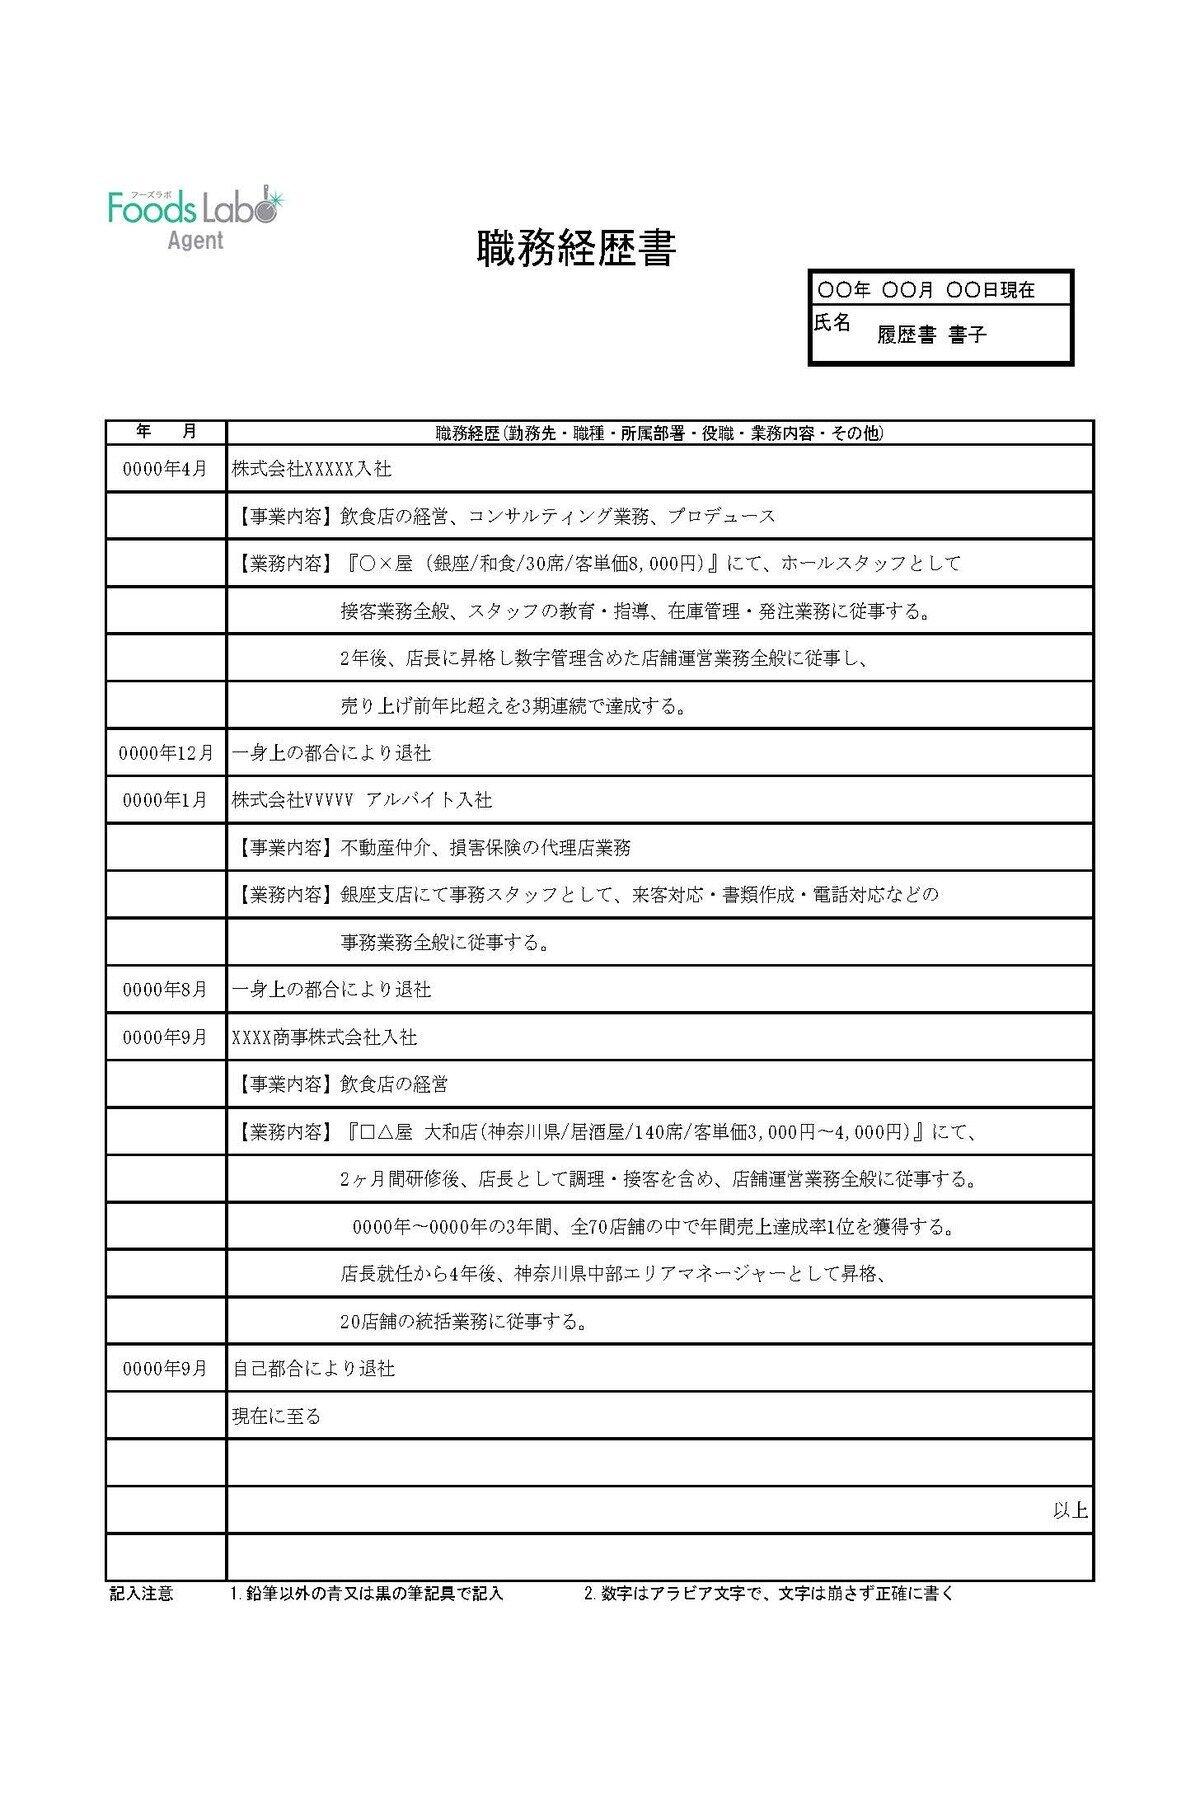 【修正後】職務経歴書.jpg